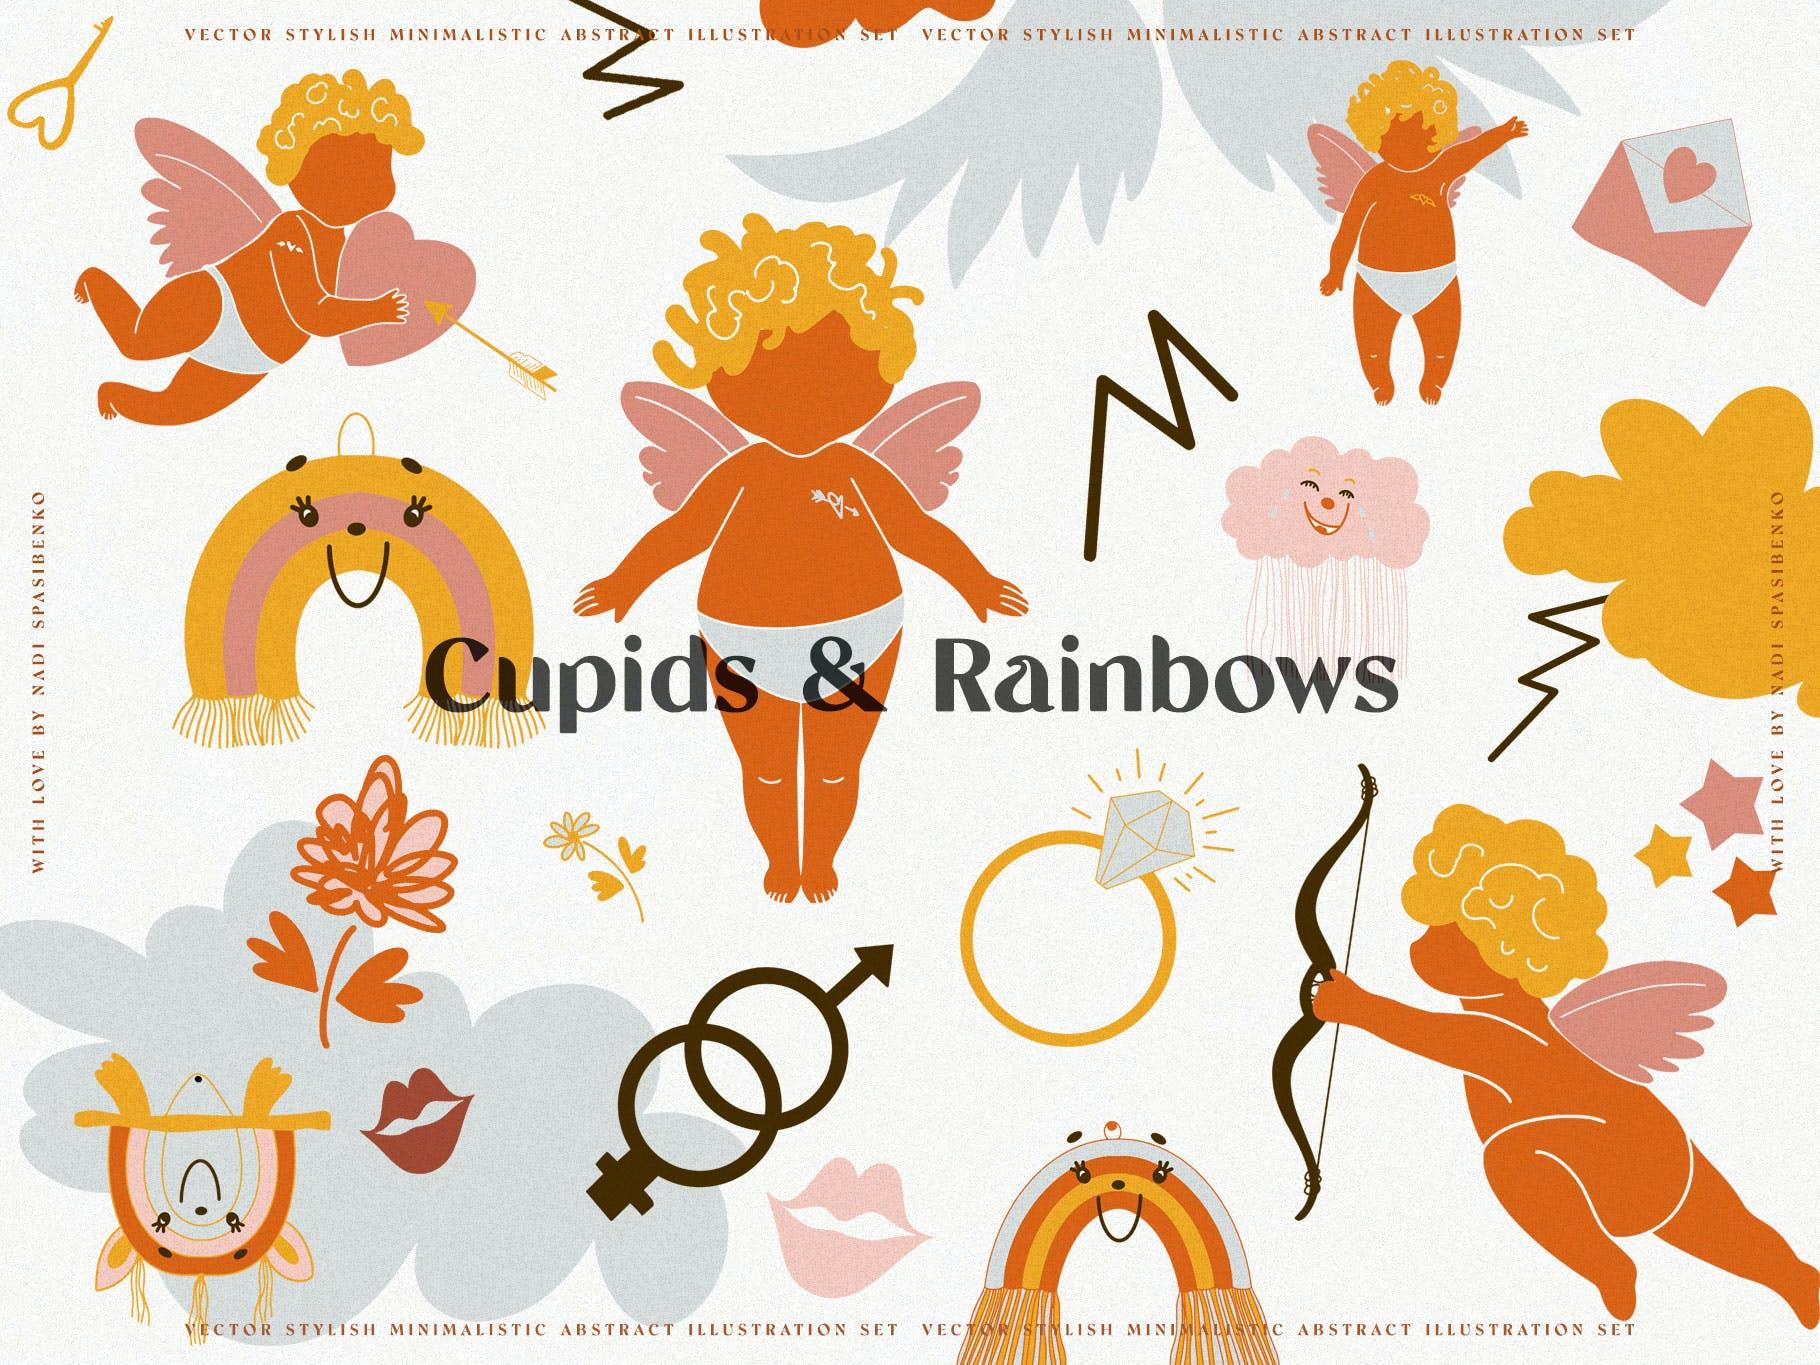 时尚抽象可爱卡通彩虹丘比特元素手绘插画矢量设计素材 Cupids & Cute Rainbows插图